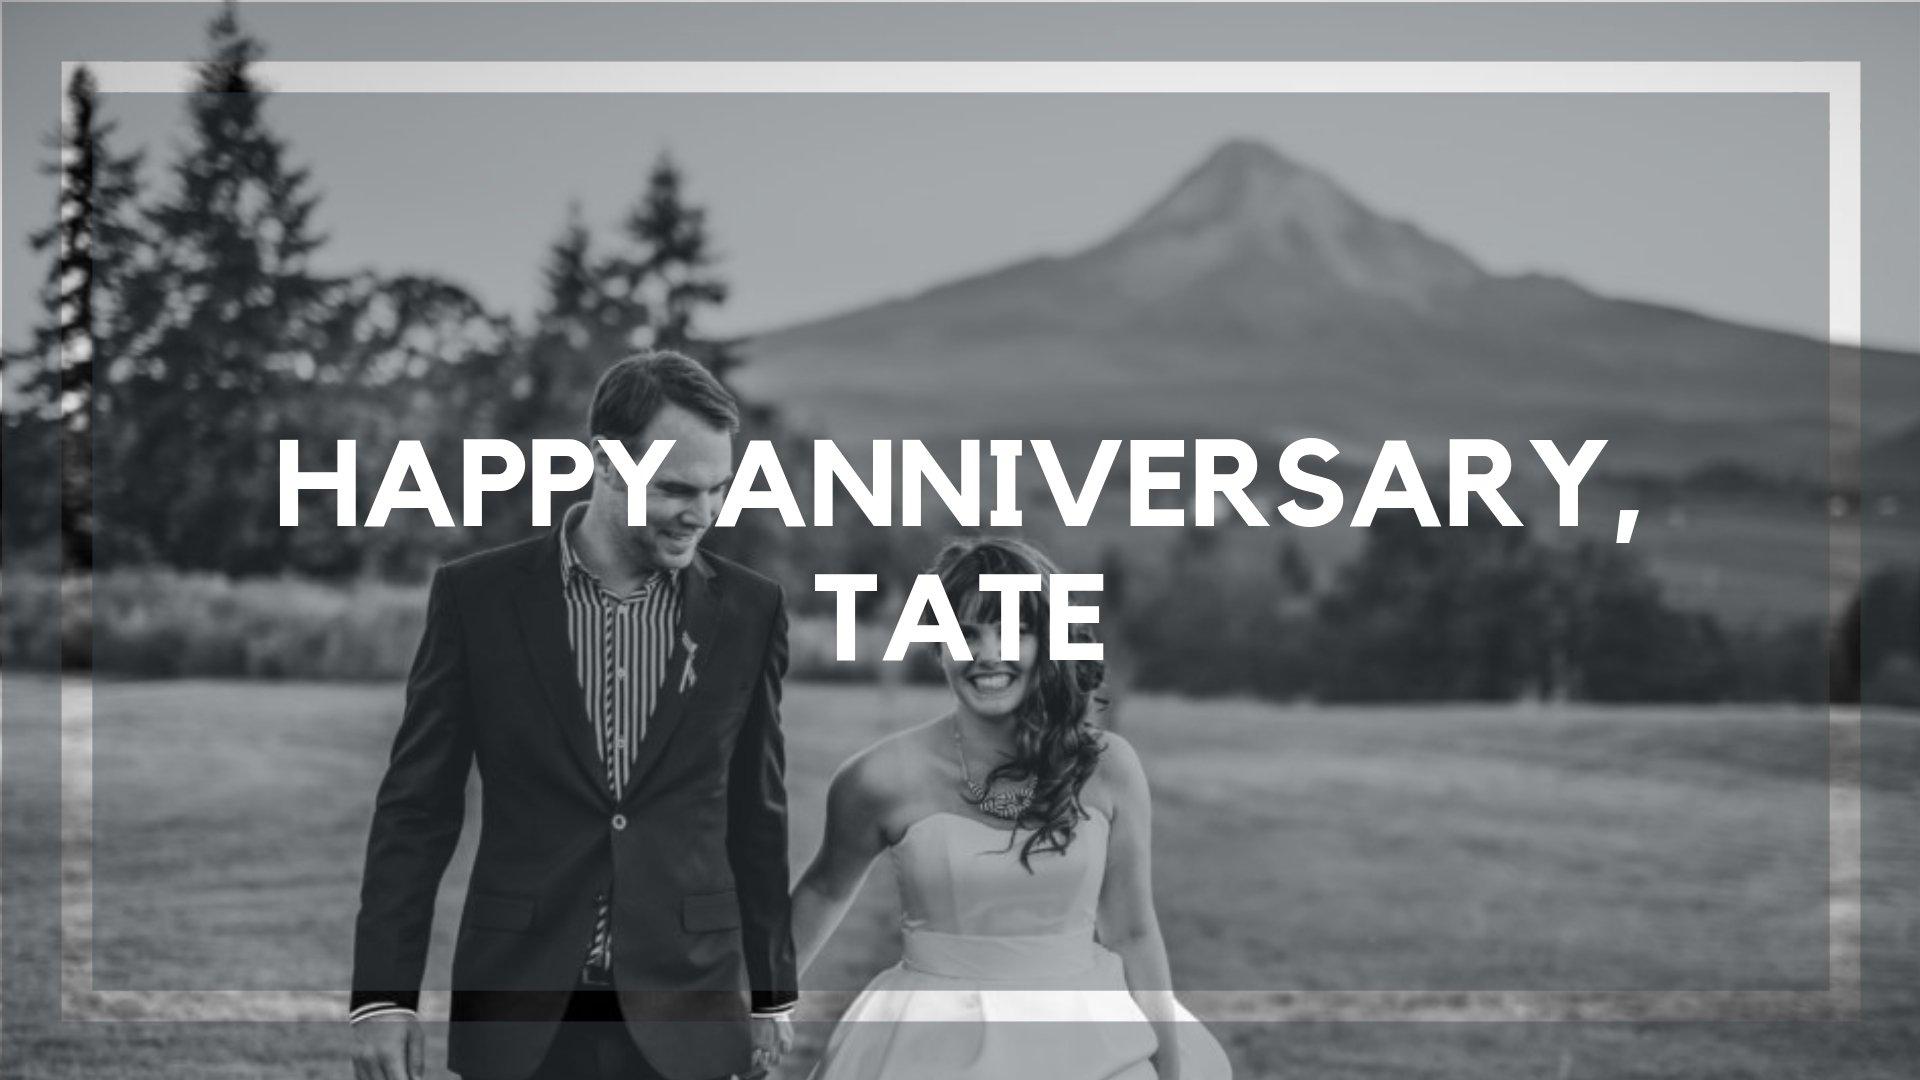 Happy Anniversary, Tate